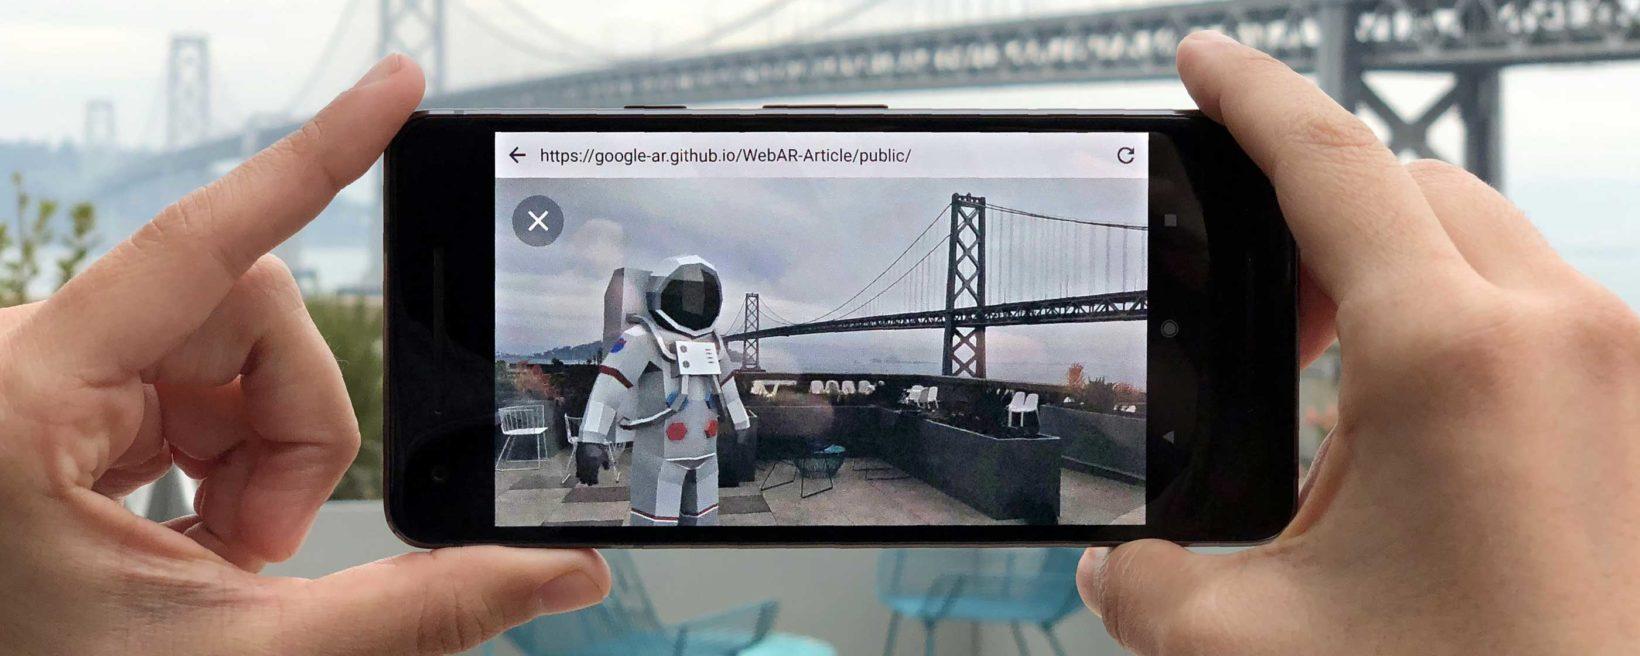 Esempio funzionamento ARCore - Realtà Aumentata di Google